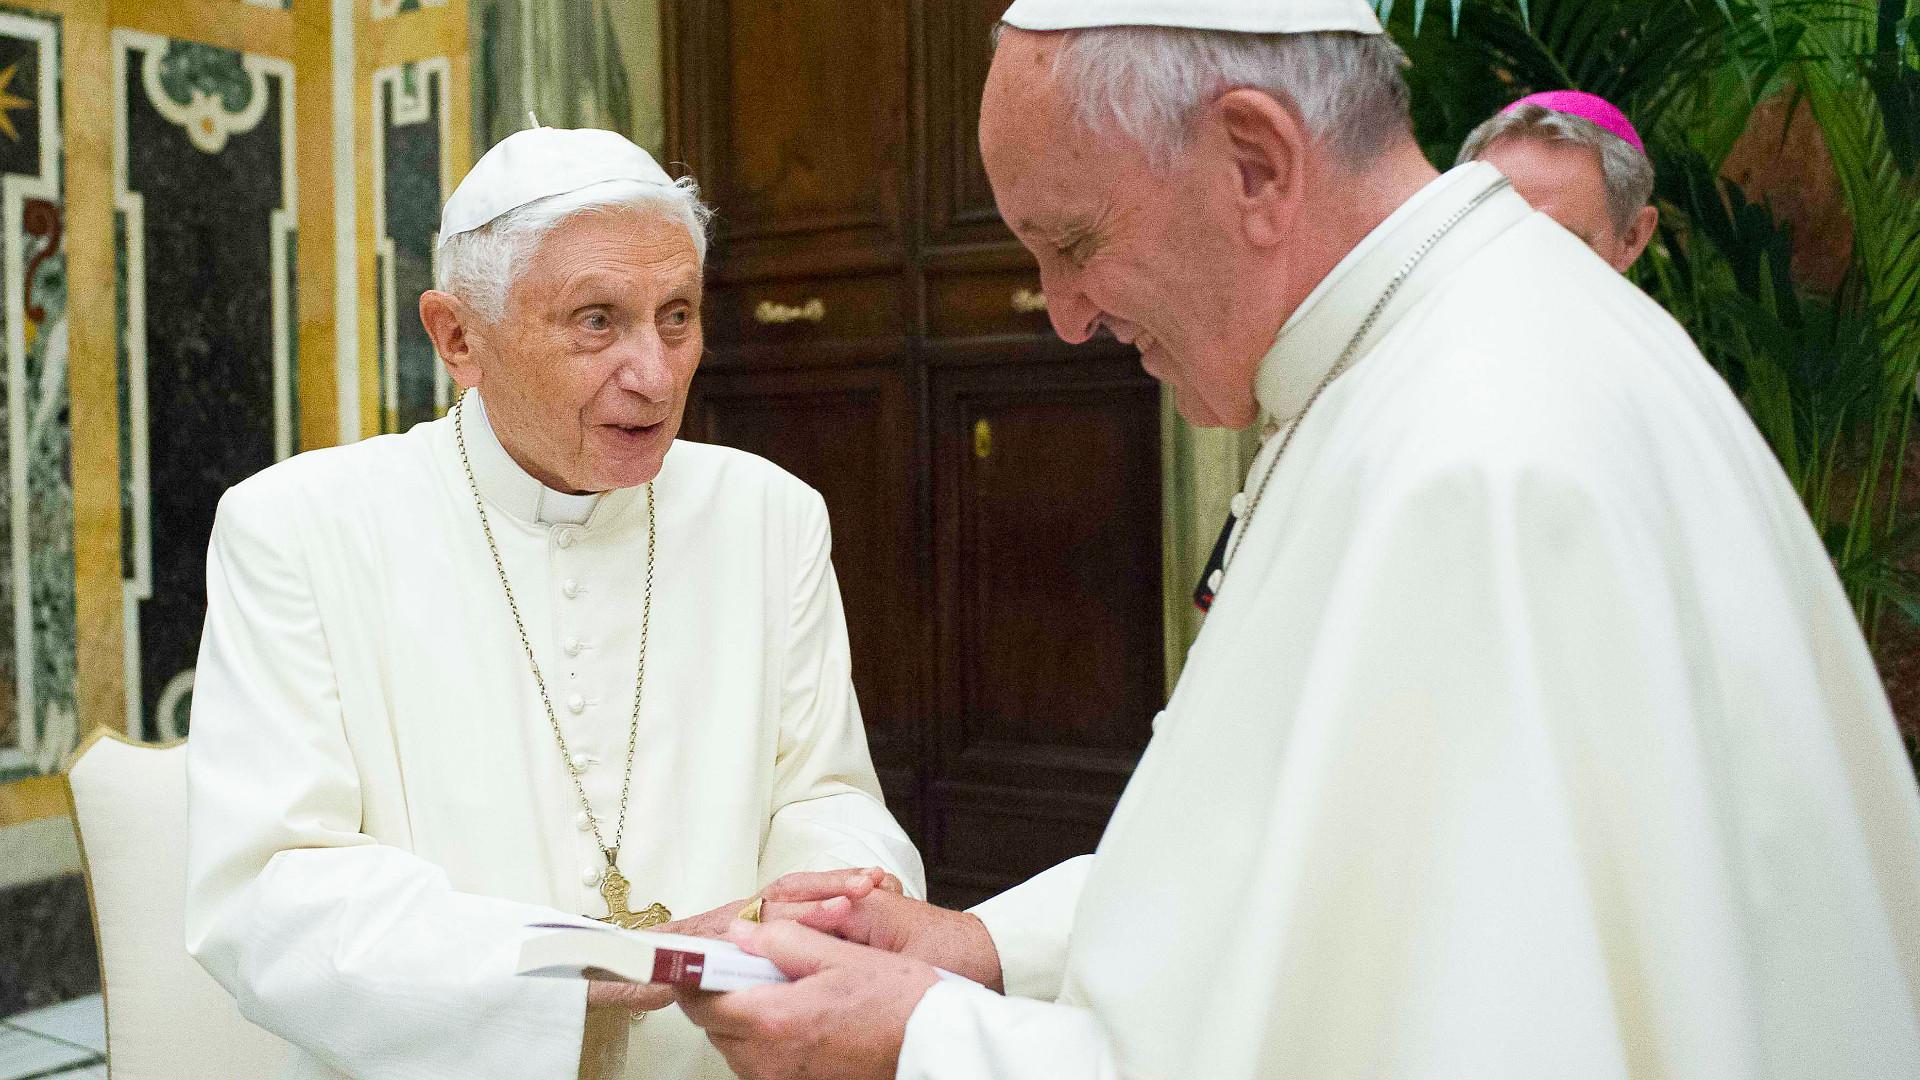 Der emeritierte Papst Benedikt XVI. und Papst Franziskus, 2016.  | © kna